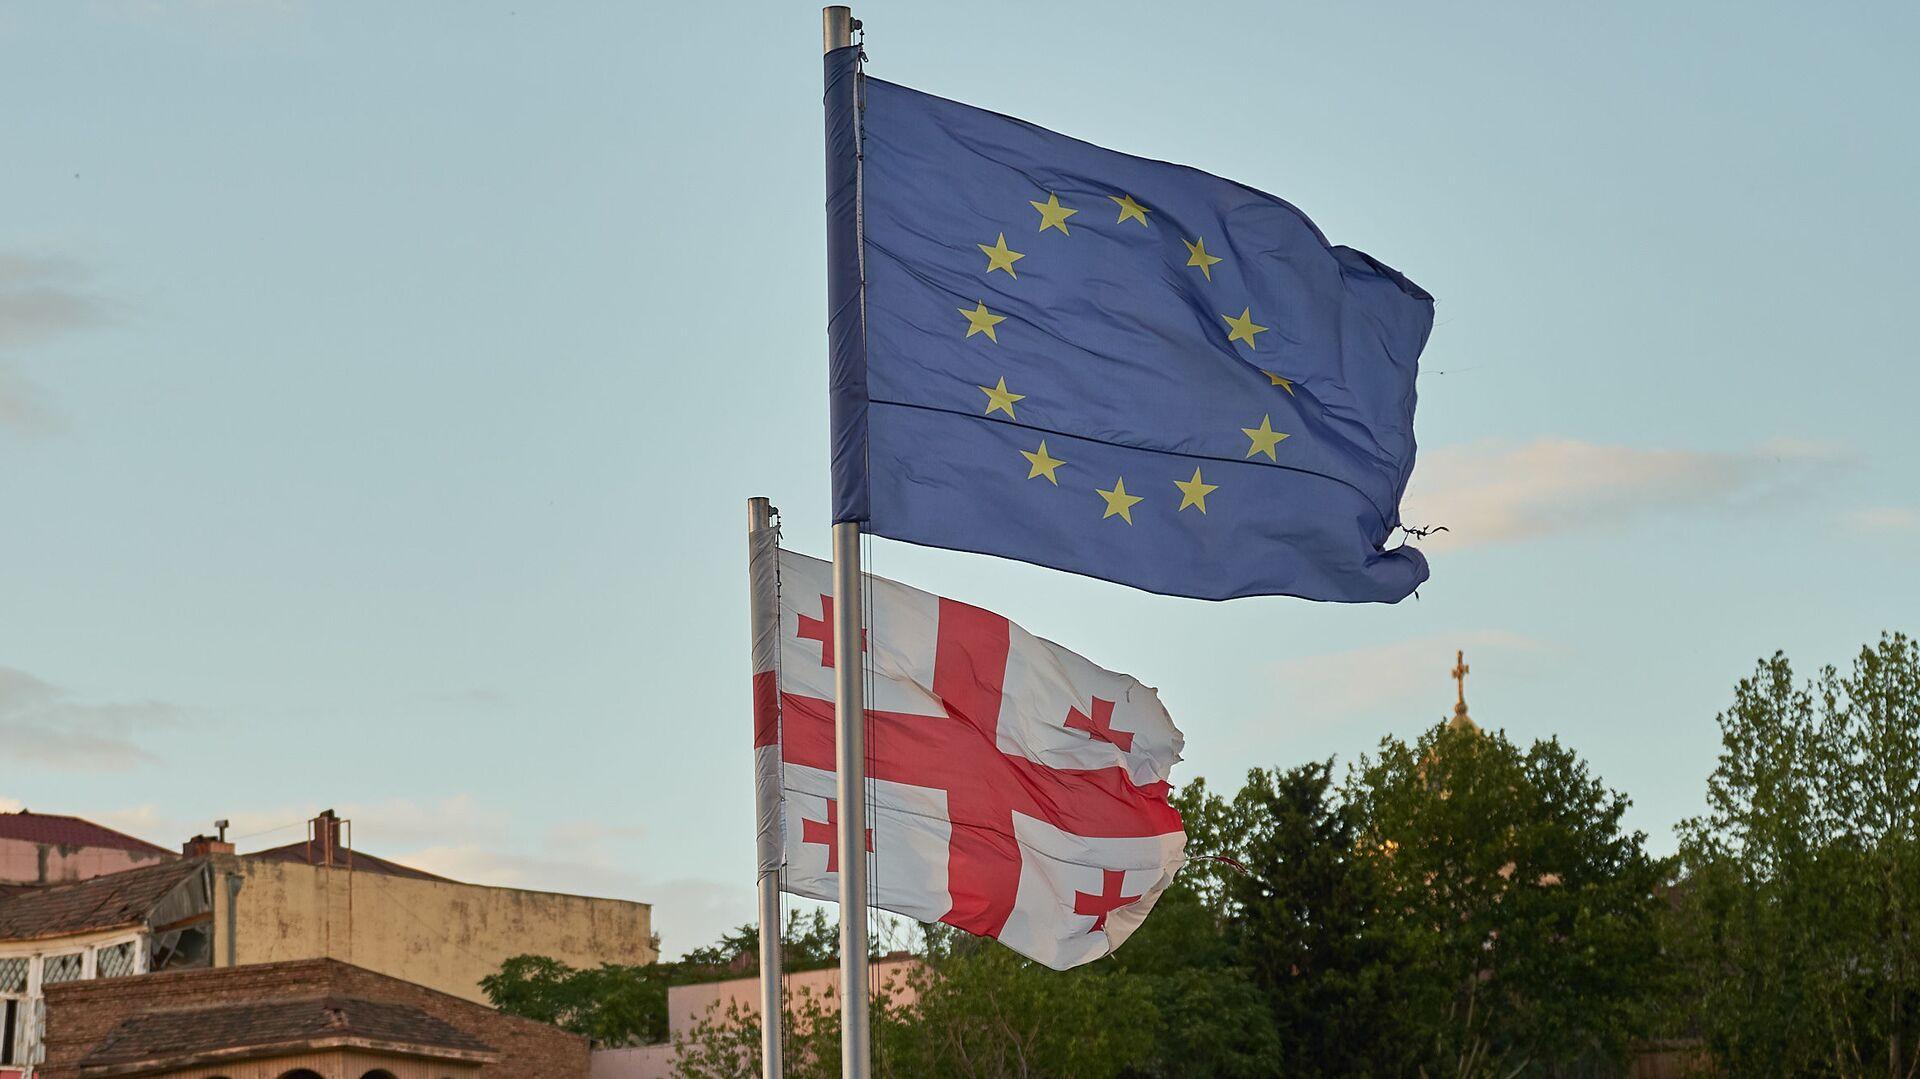 Флаги Грузии и Евросоюза на площади Европы в центре Тбилиси - Sputnik Грузия, 1920, 06.10.2021